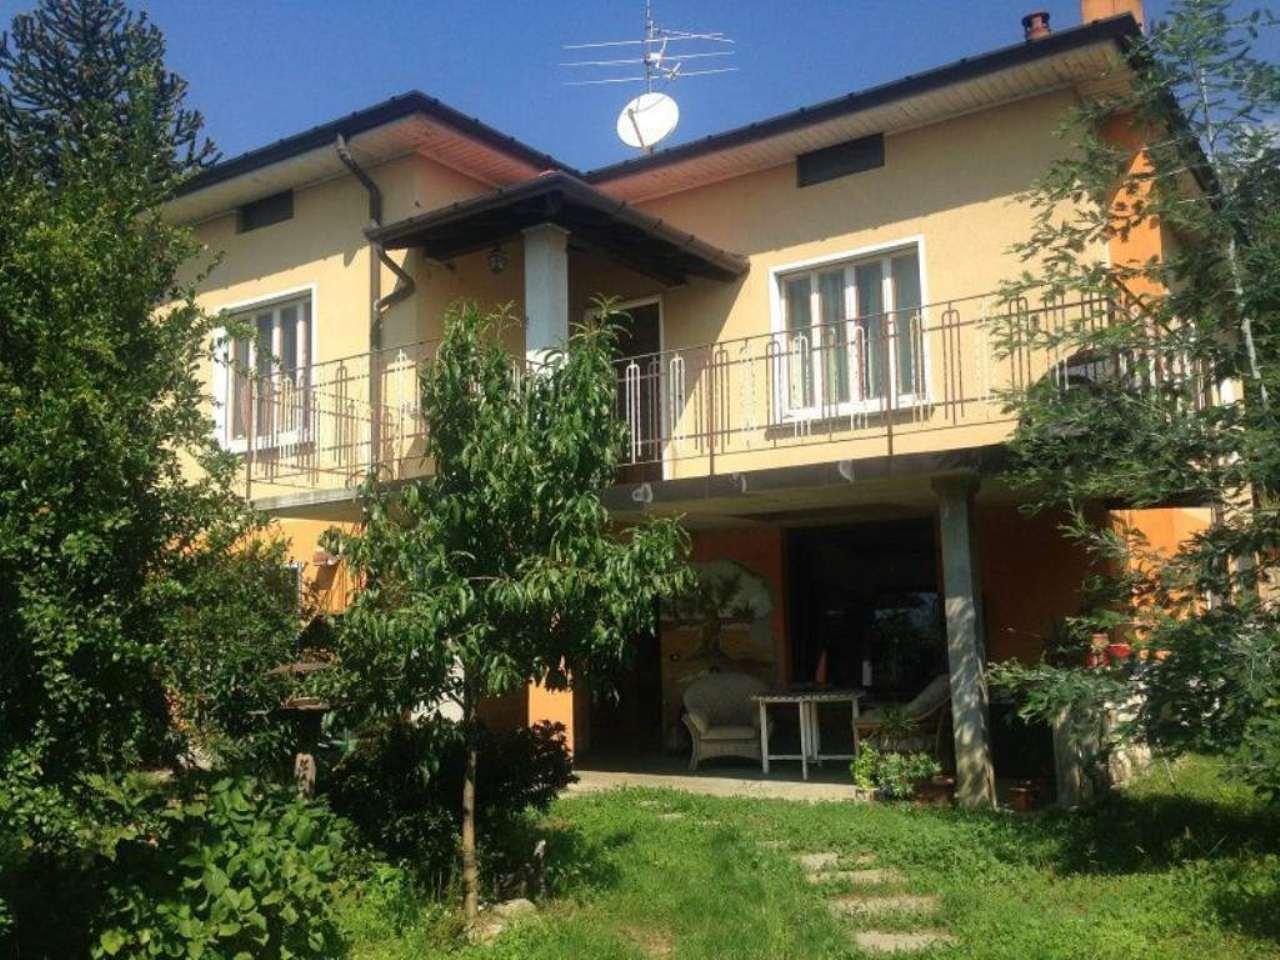 Villa in vendita a Comerio, 7 locali, prezzo € 380.000 | Cambio Casa.it